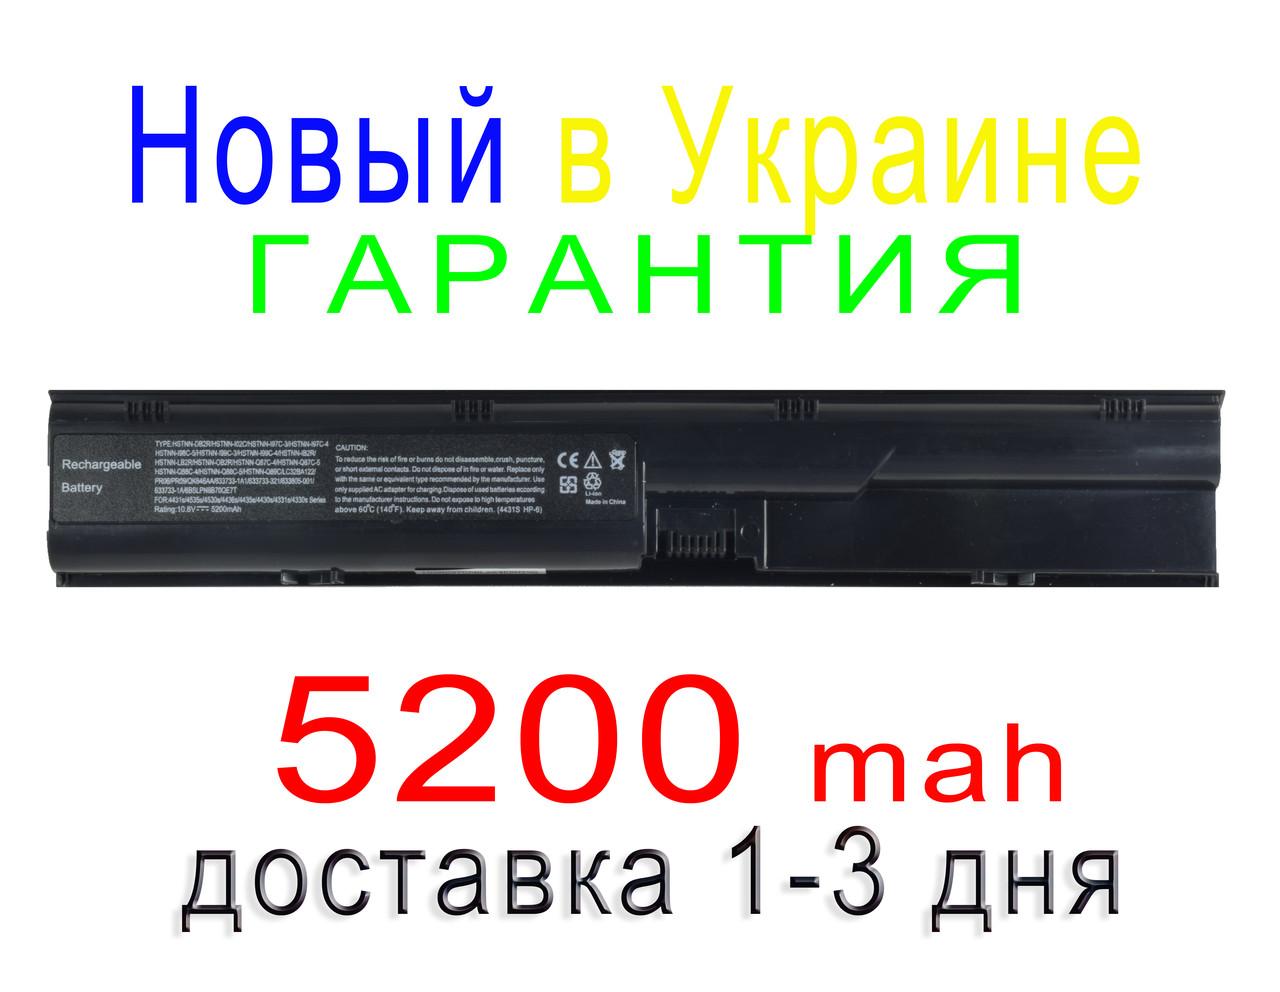 Аккумулятор батарея HP ProBook 4330s 4331s 4341s 4430s 4431s 4440s 4441s 4446s 4530s 4535s 4540s